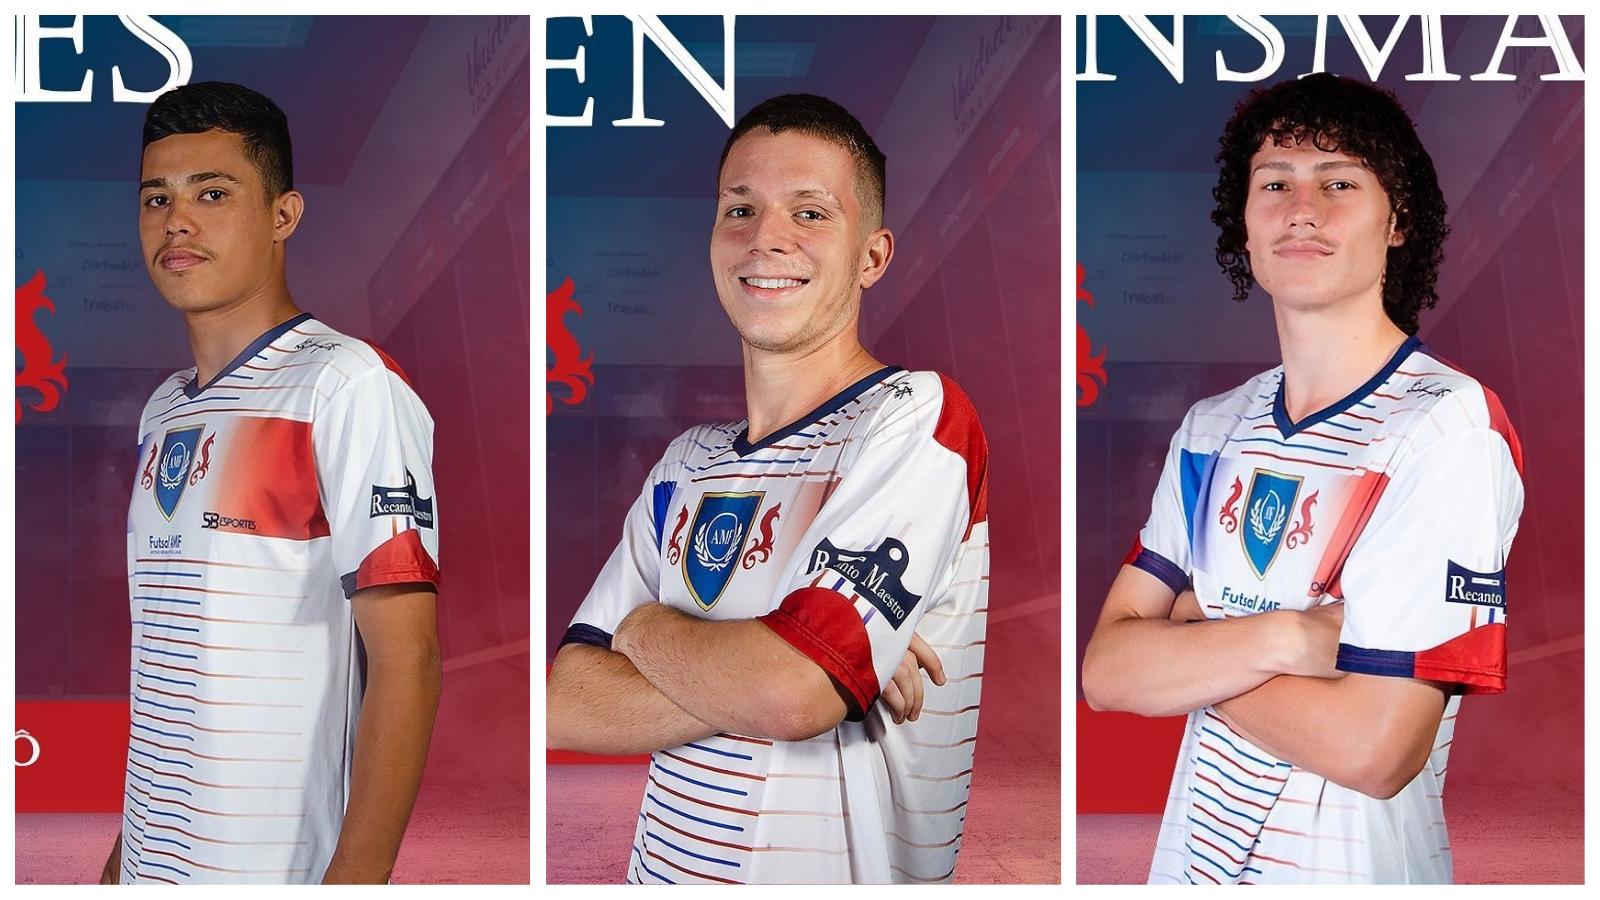 Três atletas da região são selecionados para jogar futsal em clube universitário